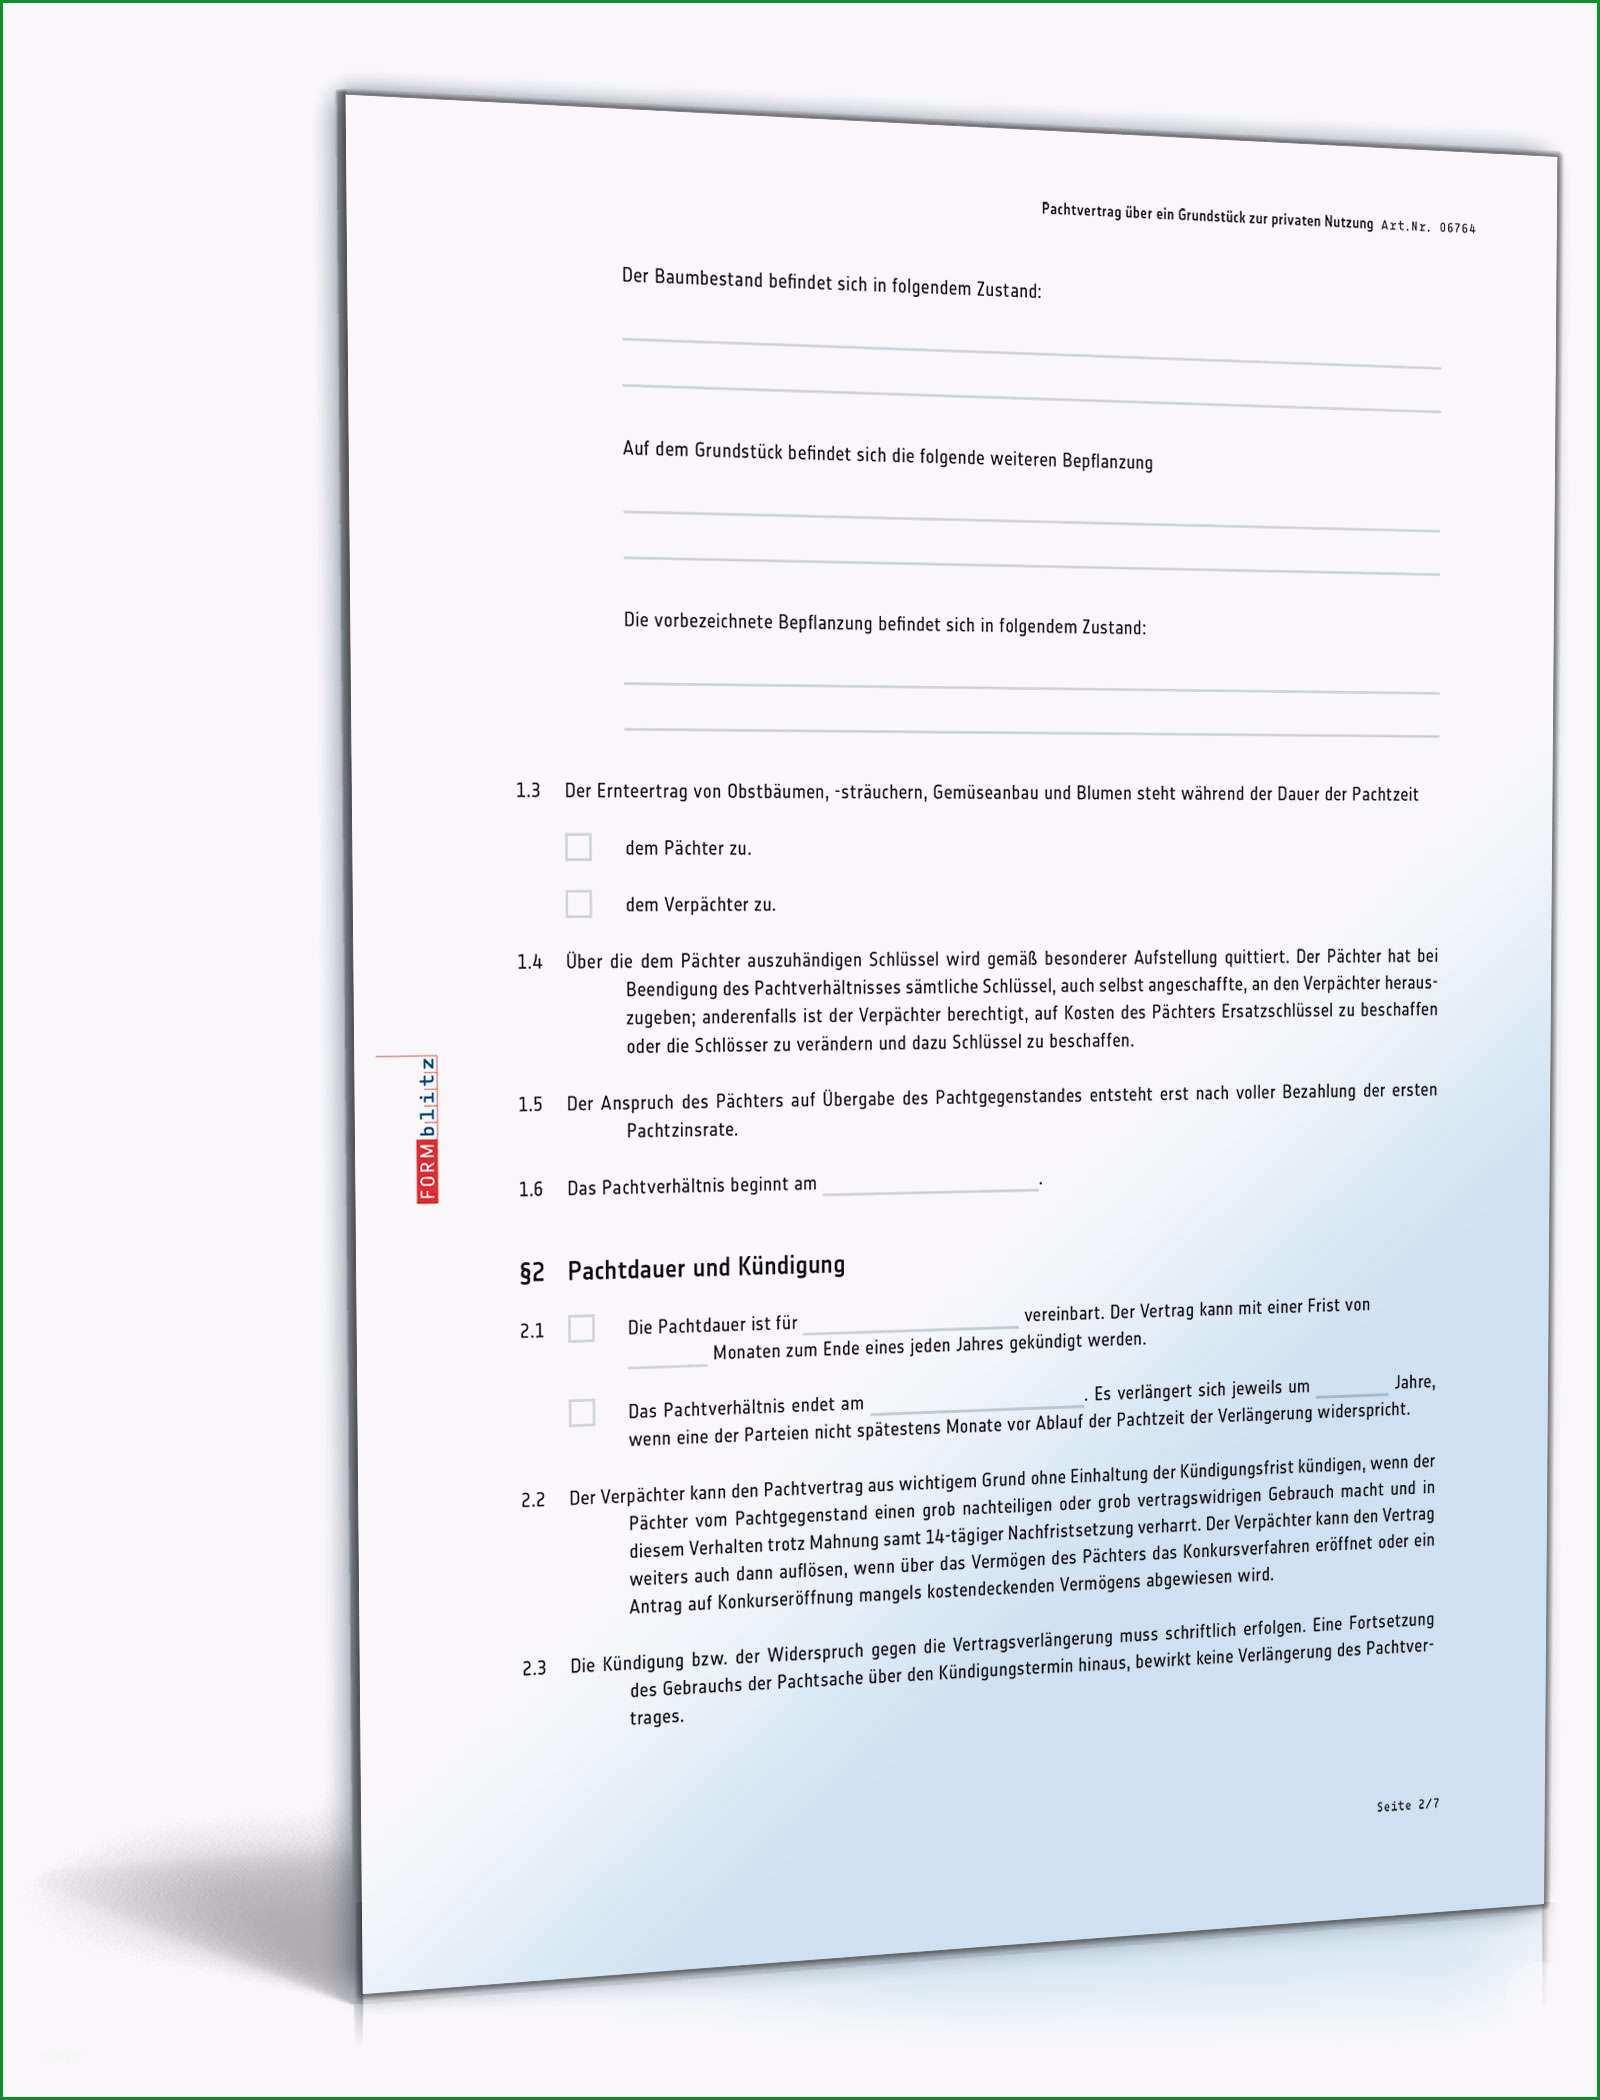 pachtvertrag grundstueck privatnutzung oesterreich